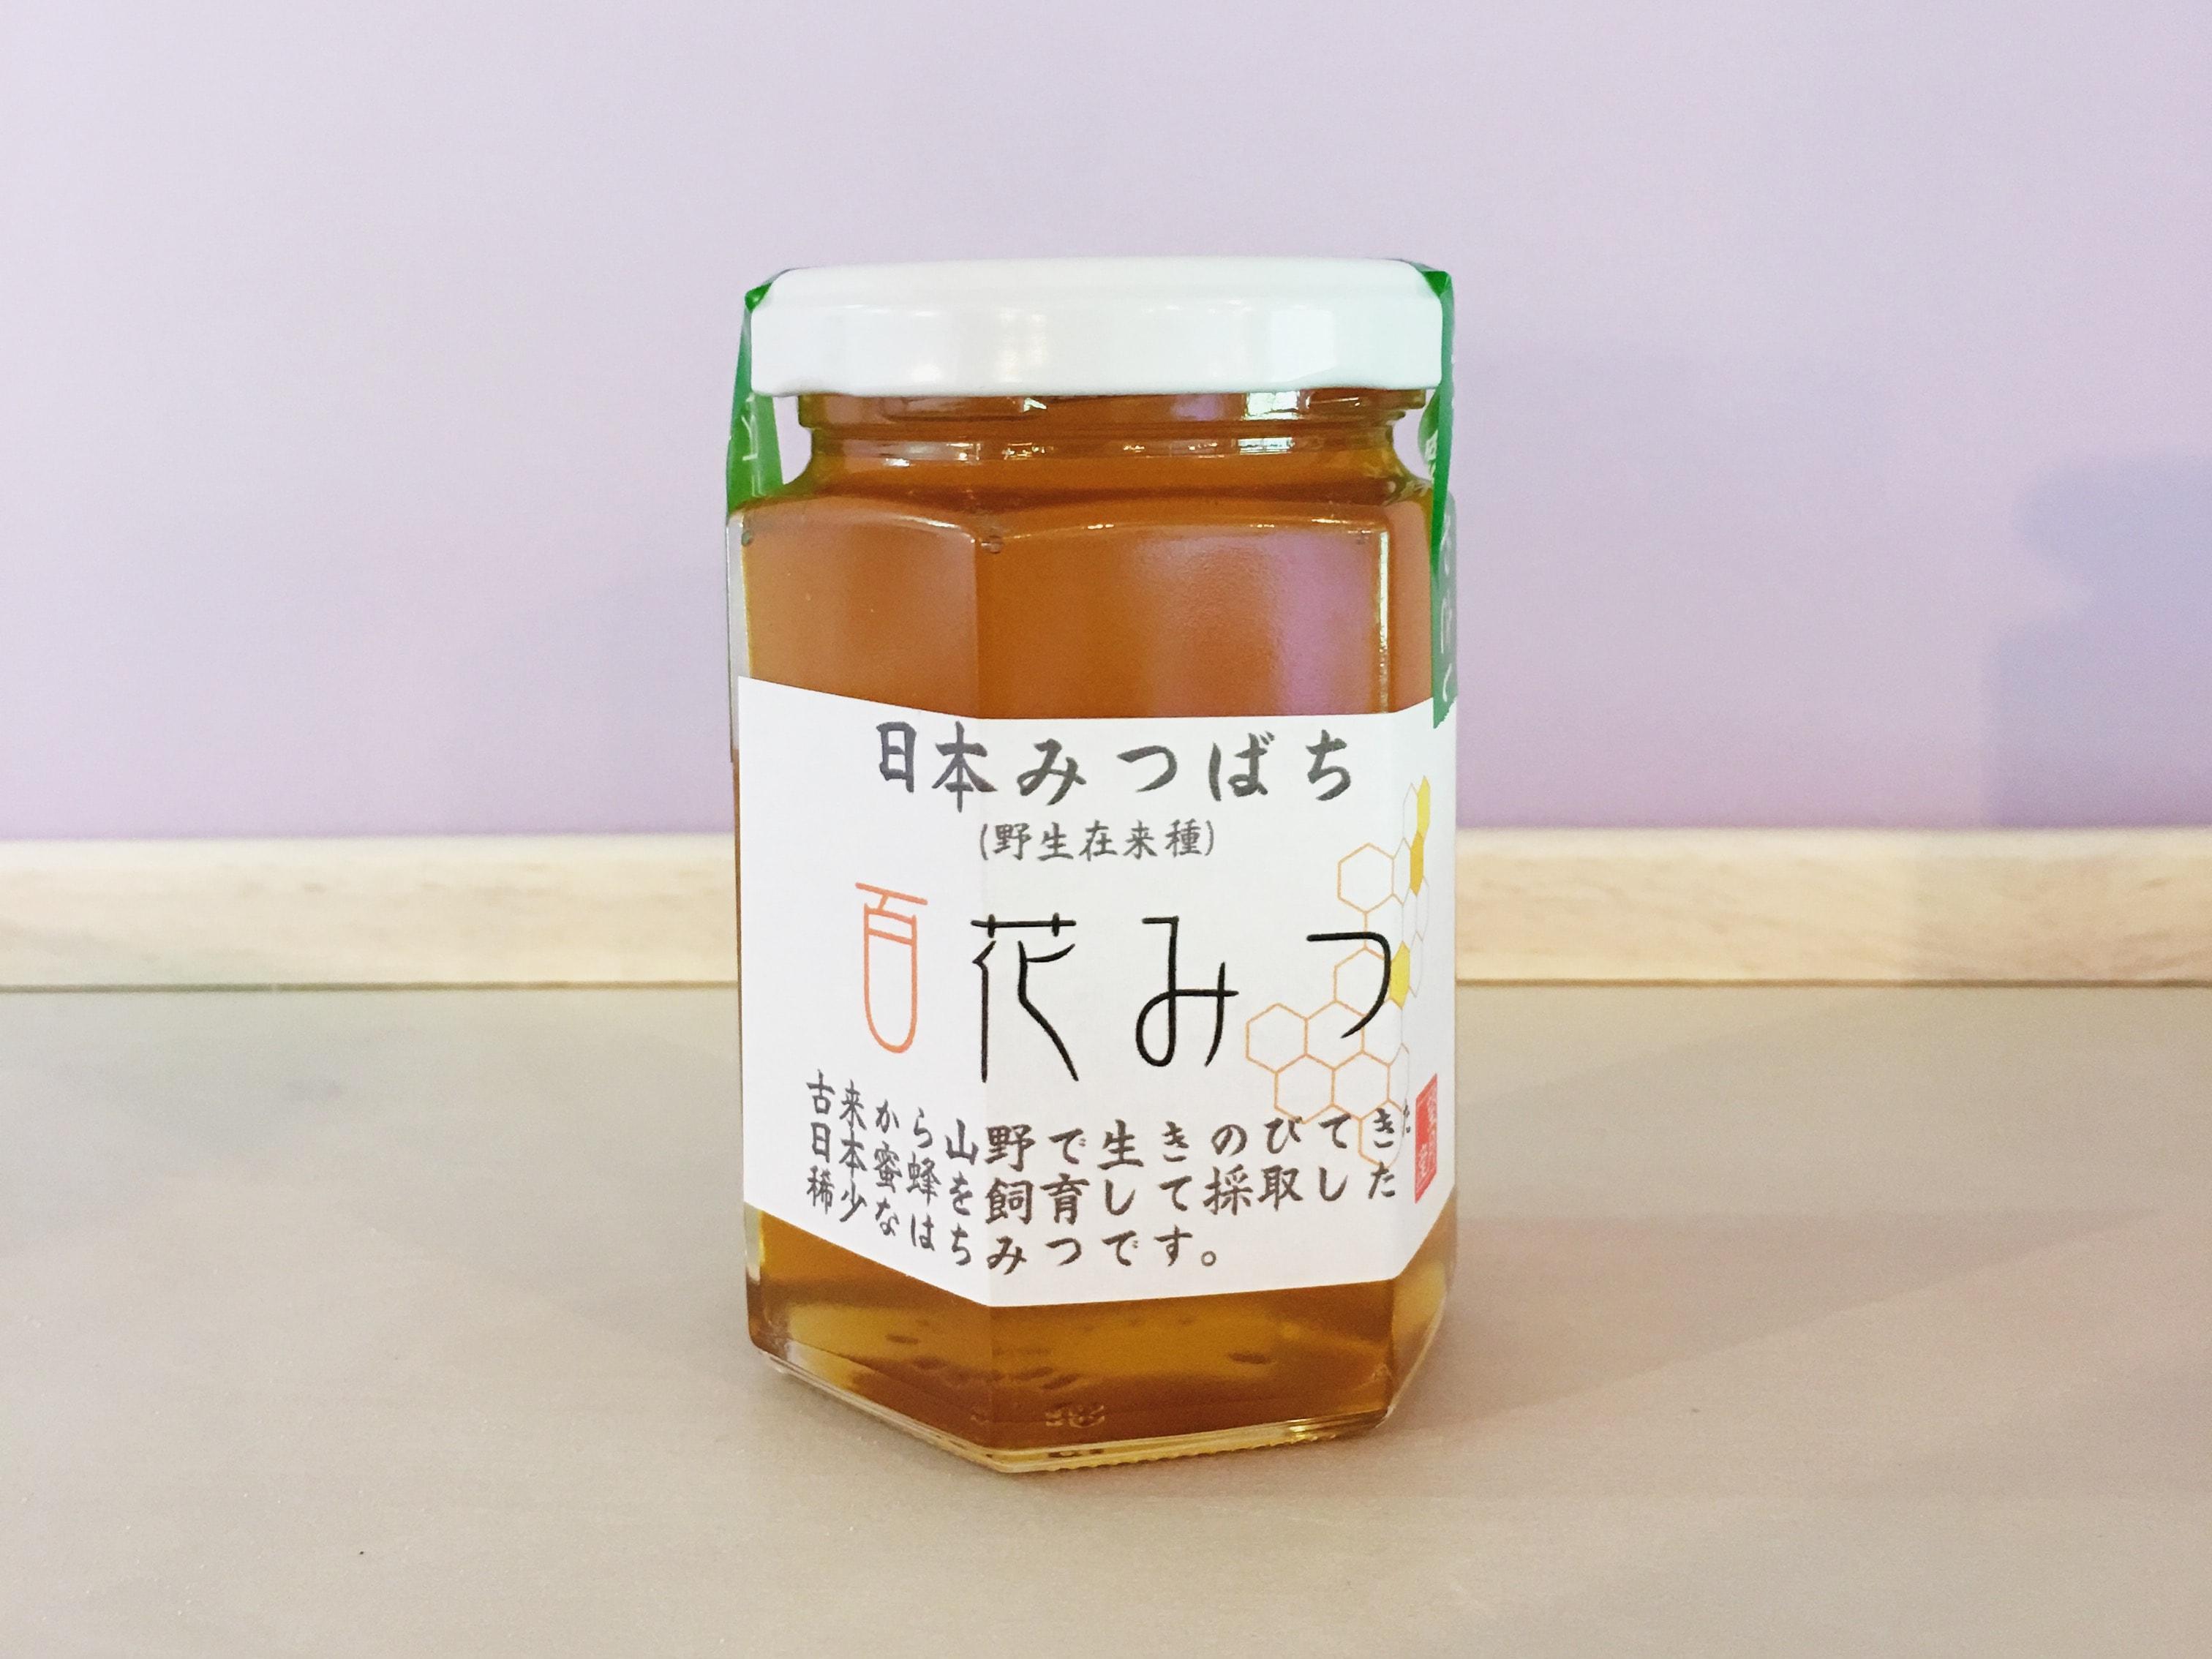 信州産 ニホンミツバチのローハニー(生はちみつ)